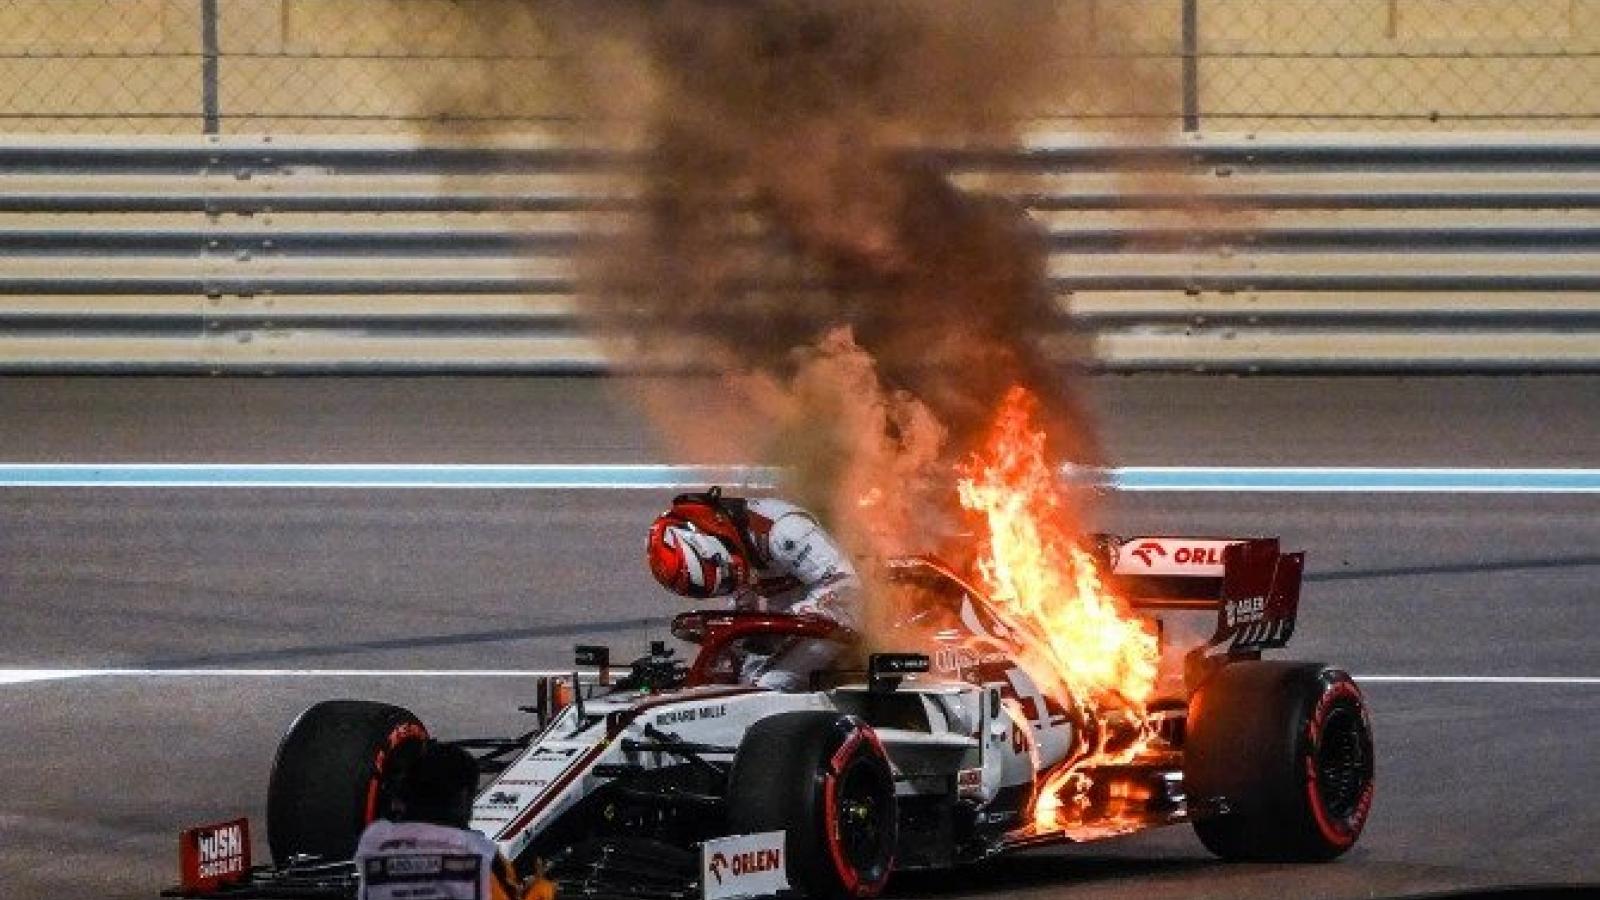 """Cận cảnh: Cựu vô địch F1 thế giới thoát chết """"thần kỳ"""" khi xe đua bốc cháy dữ dội"""